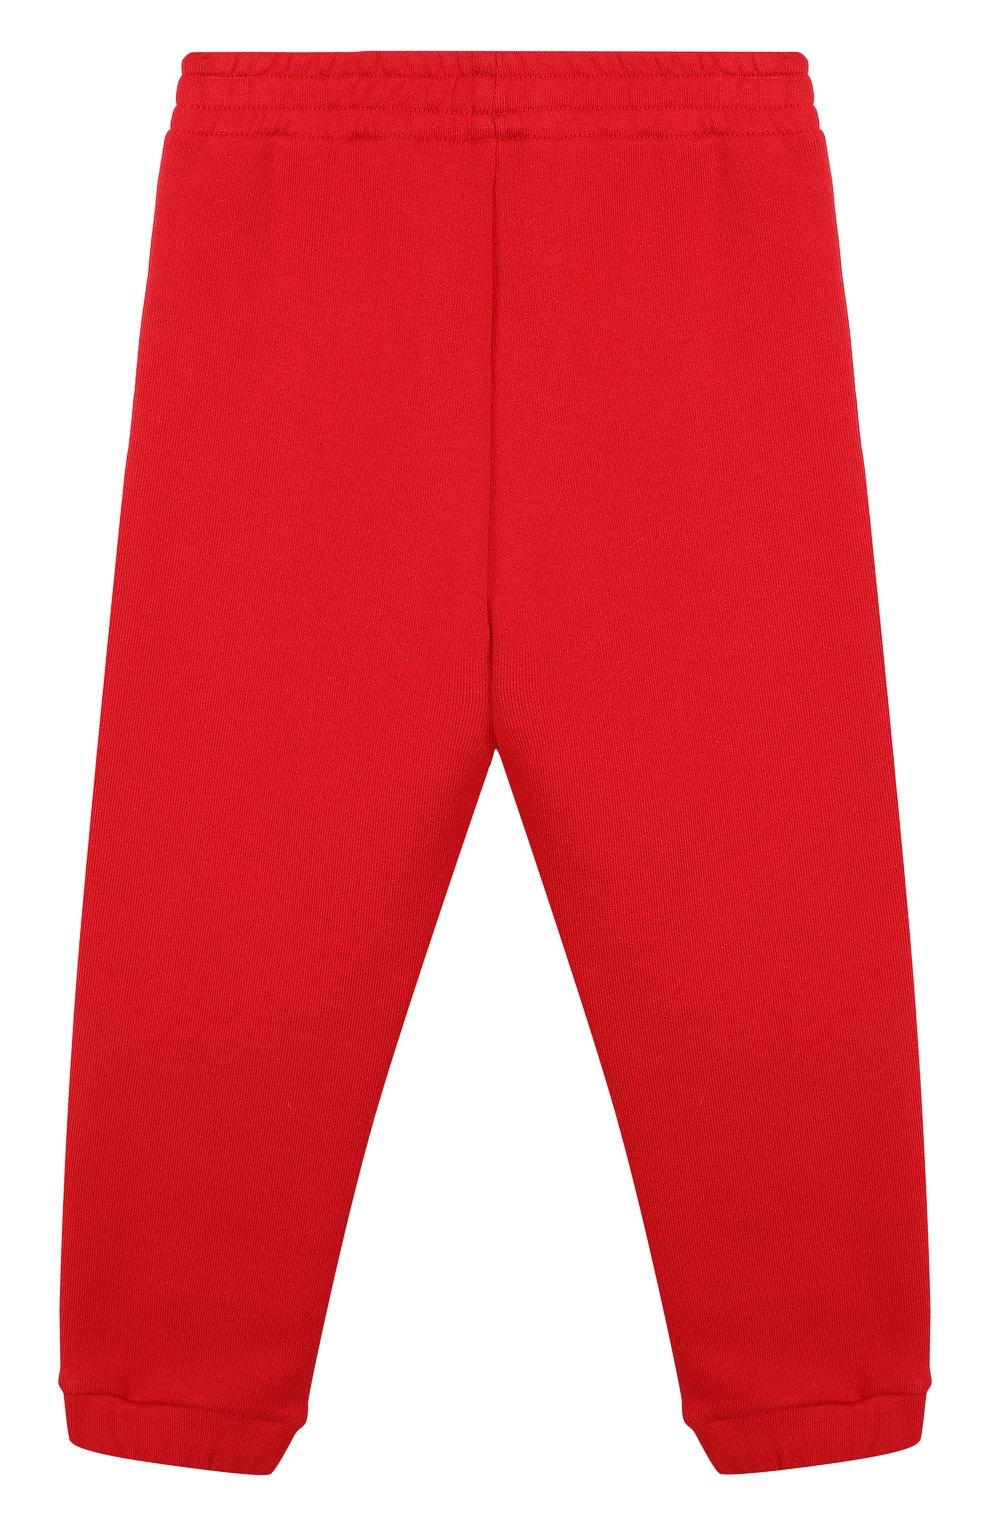 Хлопковые джоггеры с логотипом бренда Gucci красного цвета   Фото №2